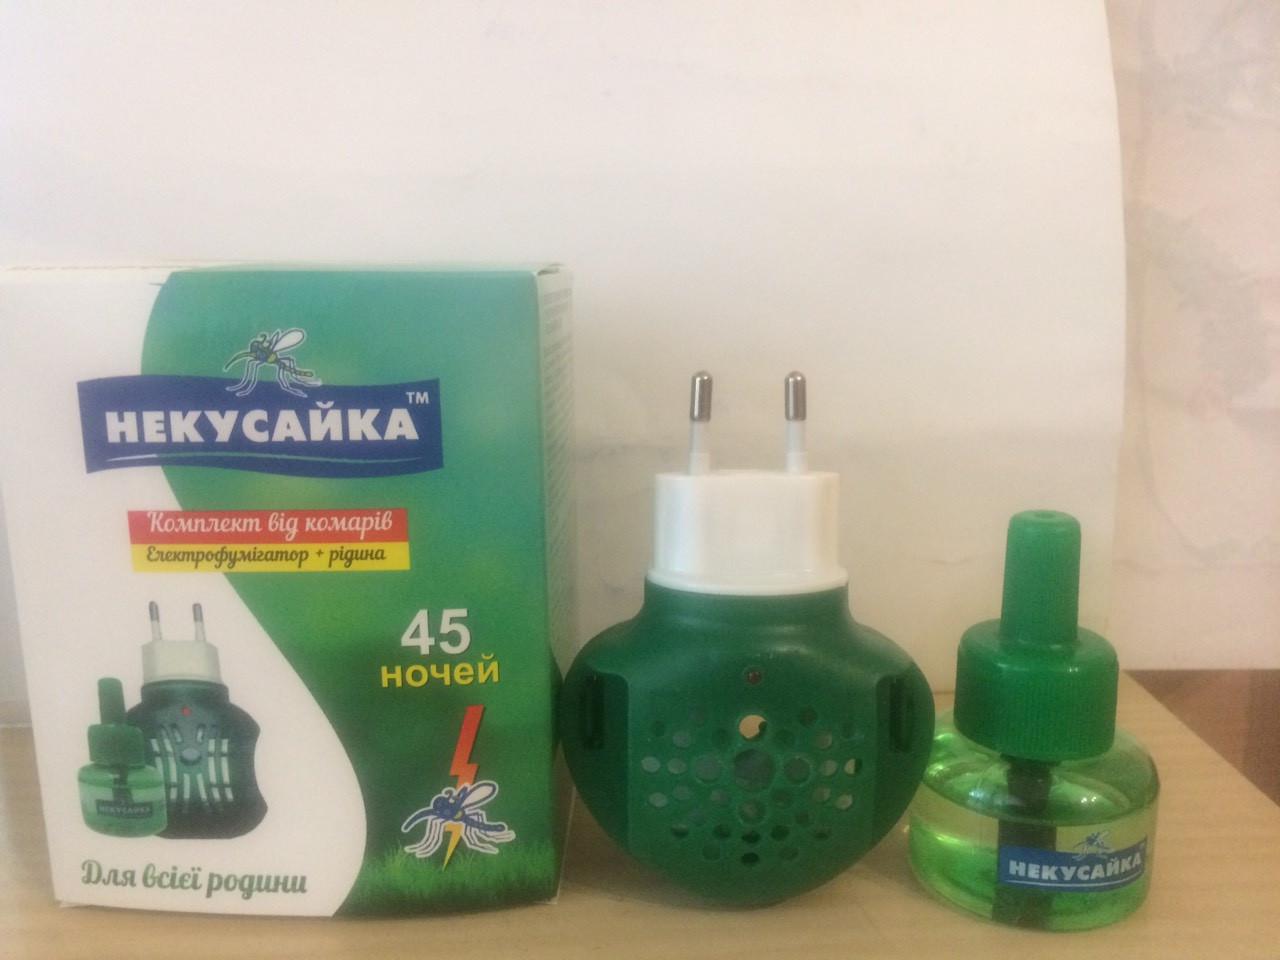 Электрофумигатор + жидкость от комаров без запаха, 45 ночей